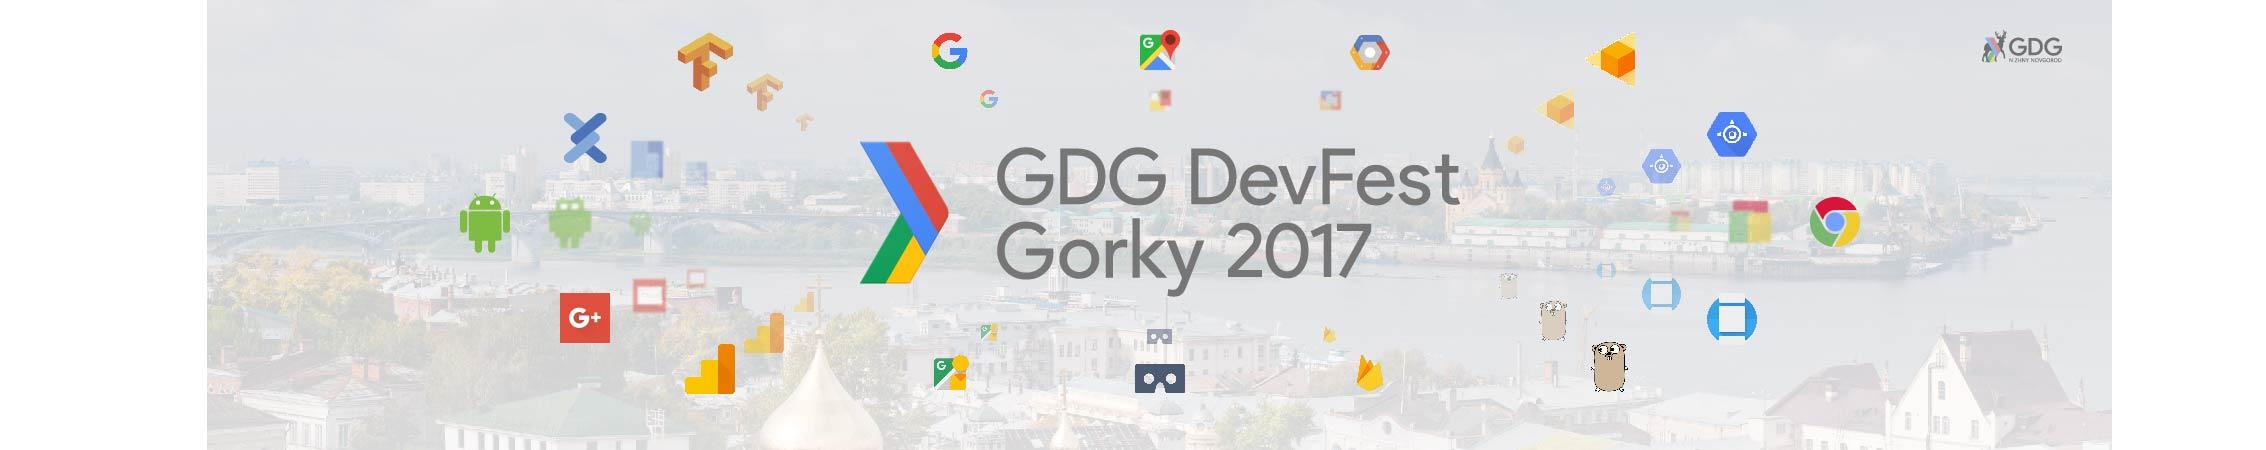 DevFest Gorky 2017